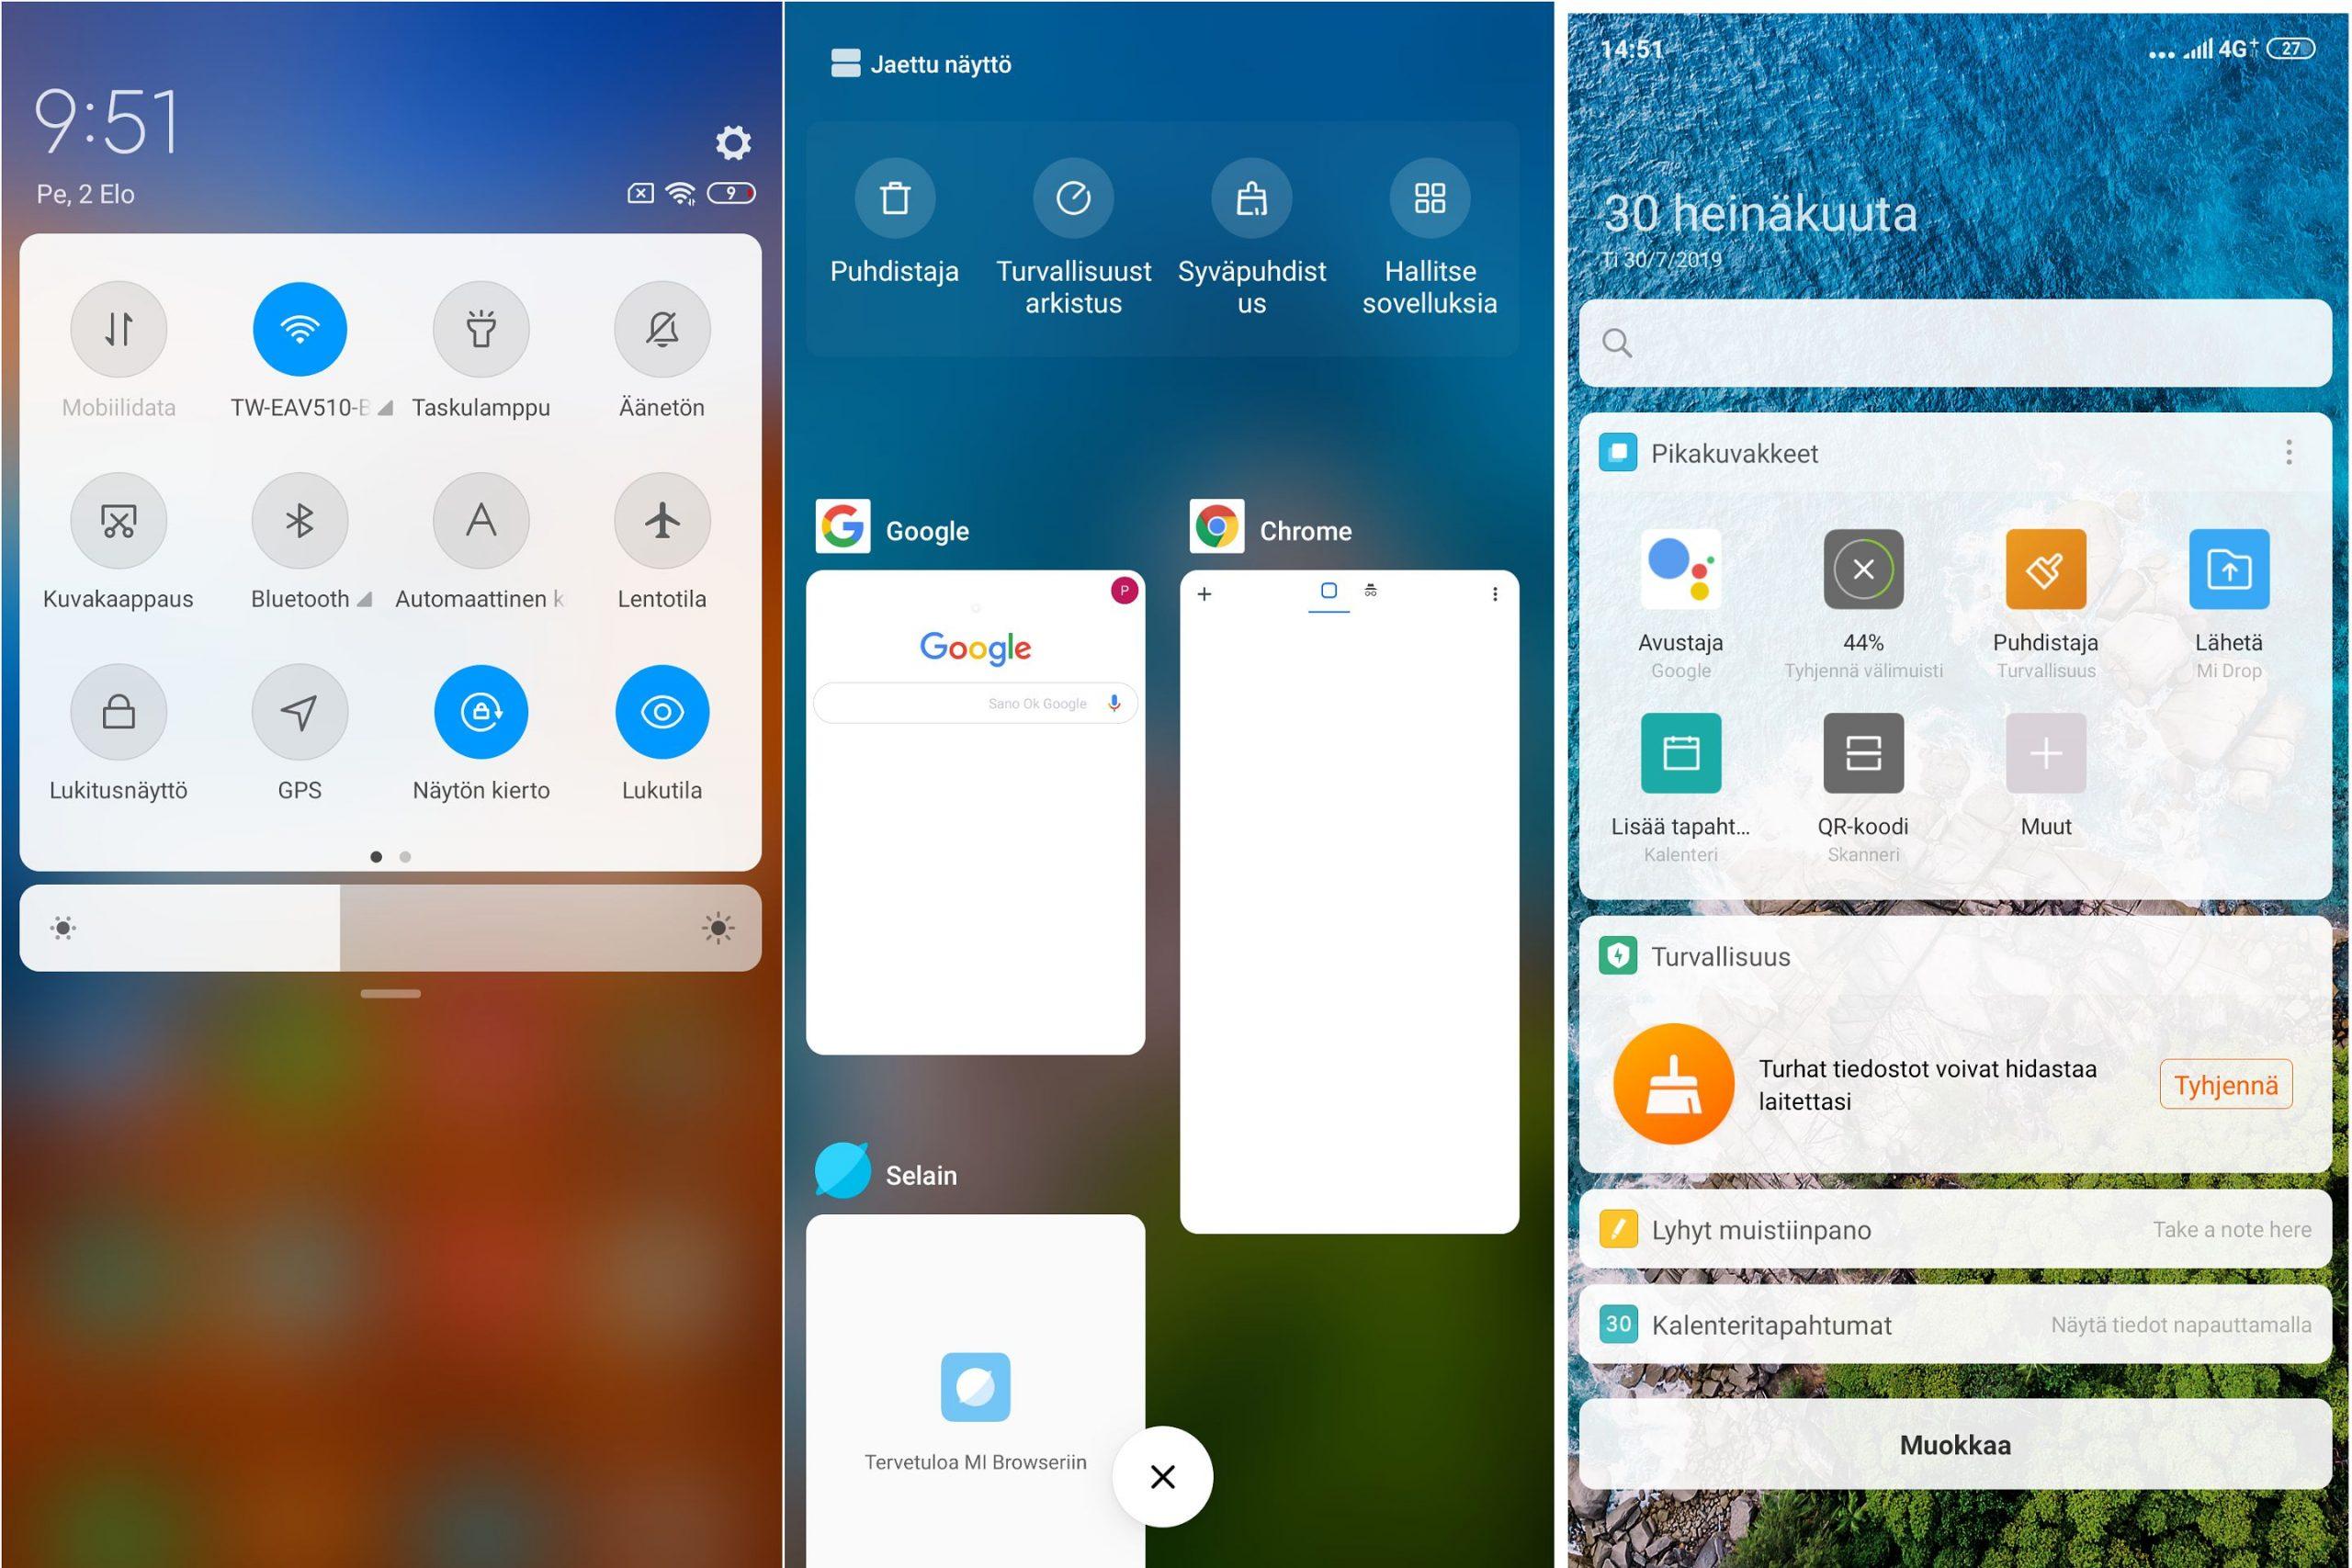 Käyttöliittymä on tuttu aiemmista Xiaomi-puhelimista. MIUI 10 on sujuva kokemus.